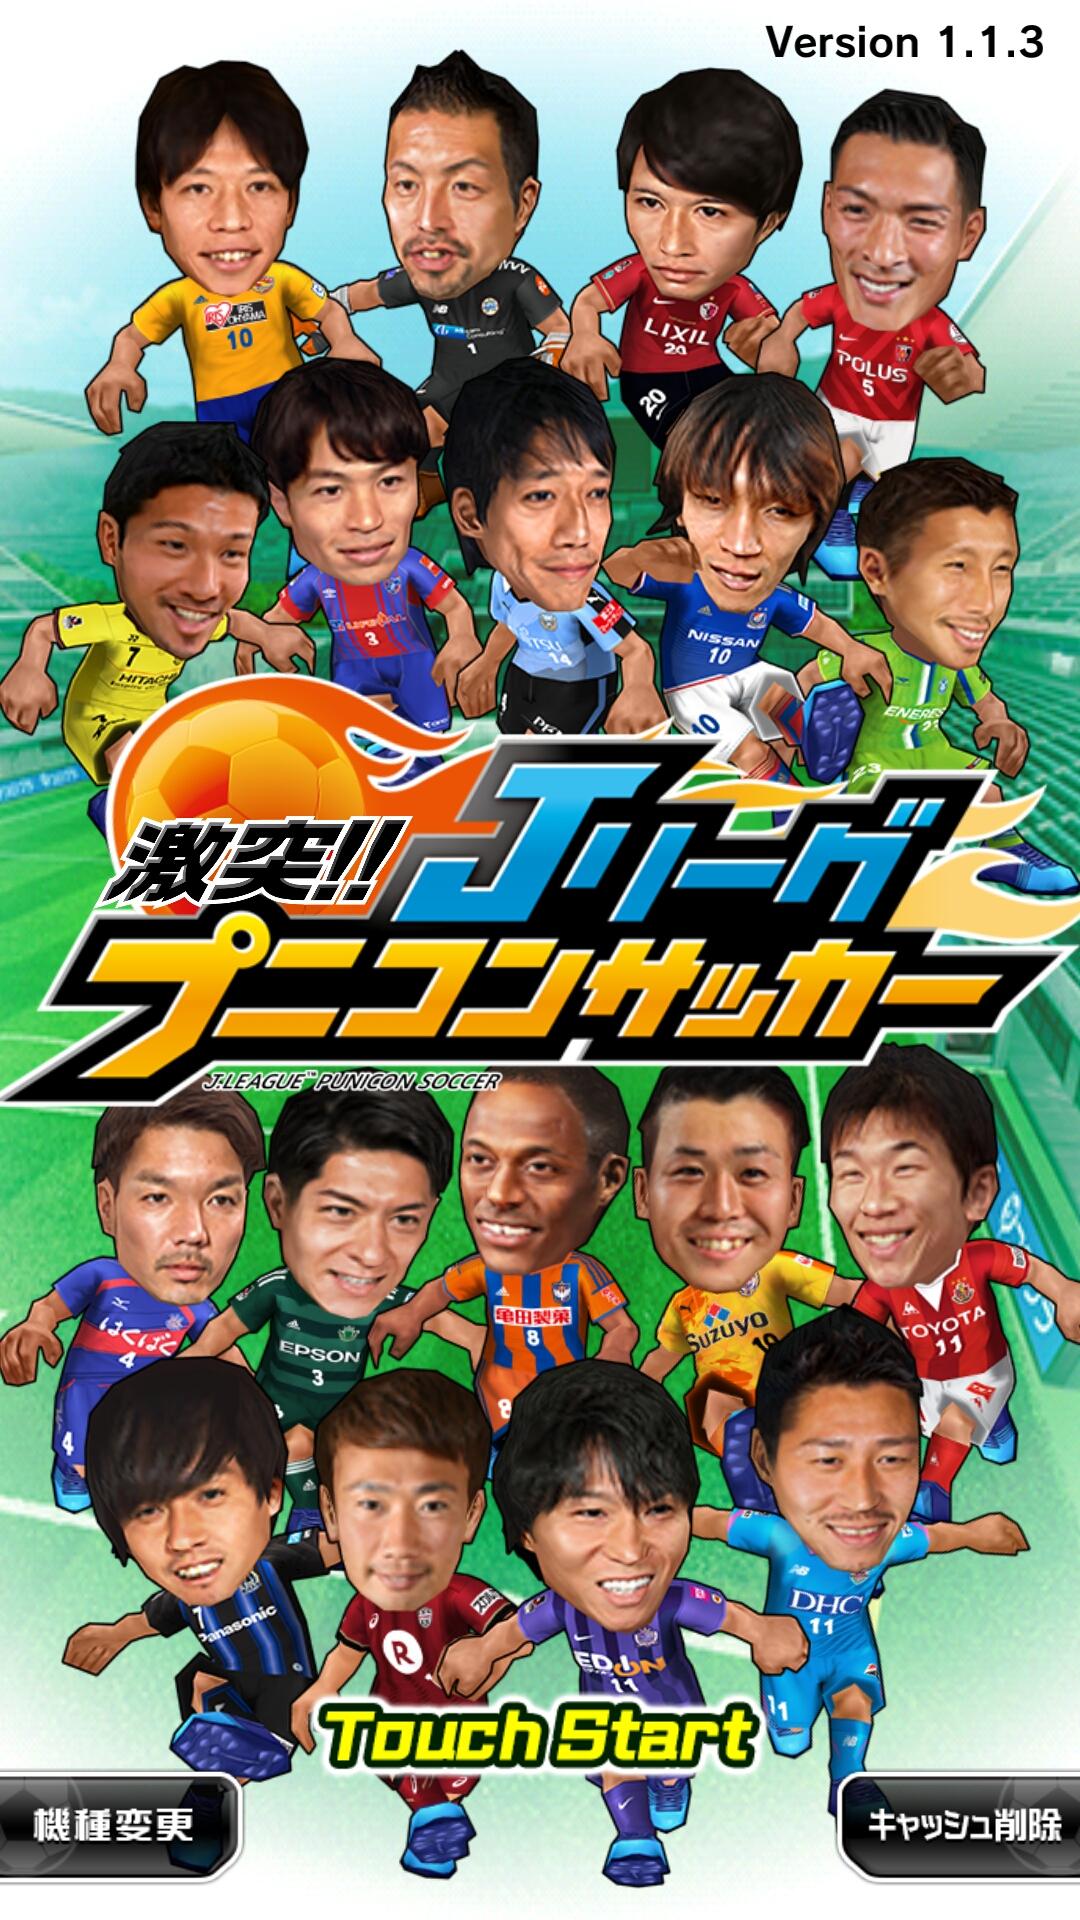 激突!! Jリーグ プニコンサッカー タイトル画像